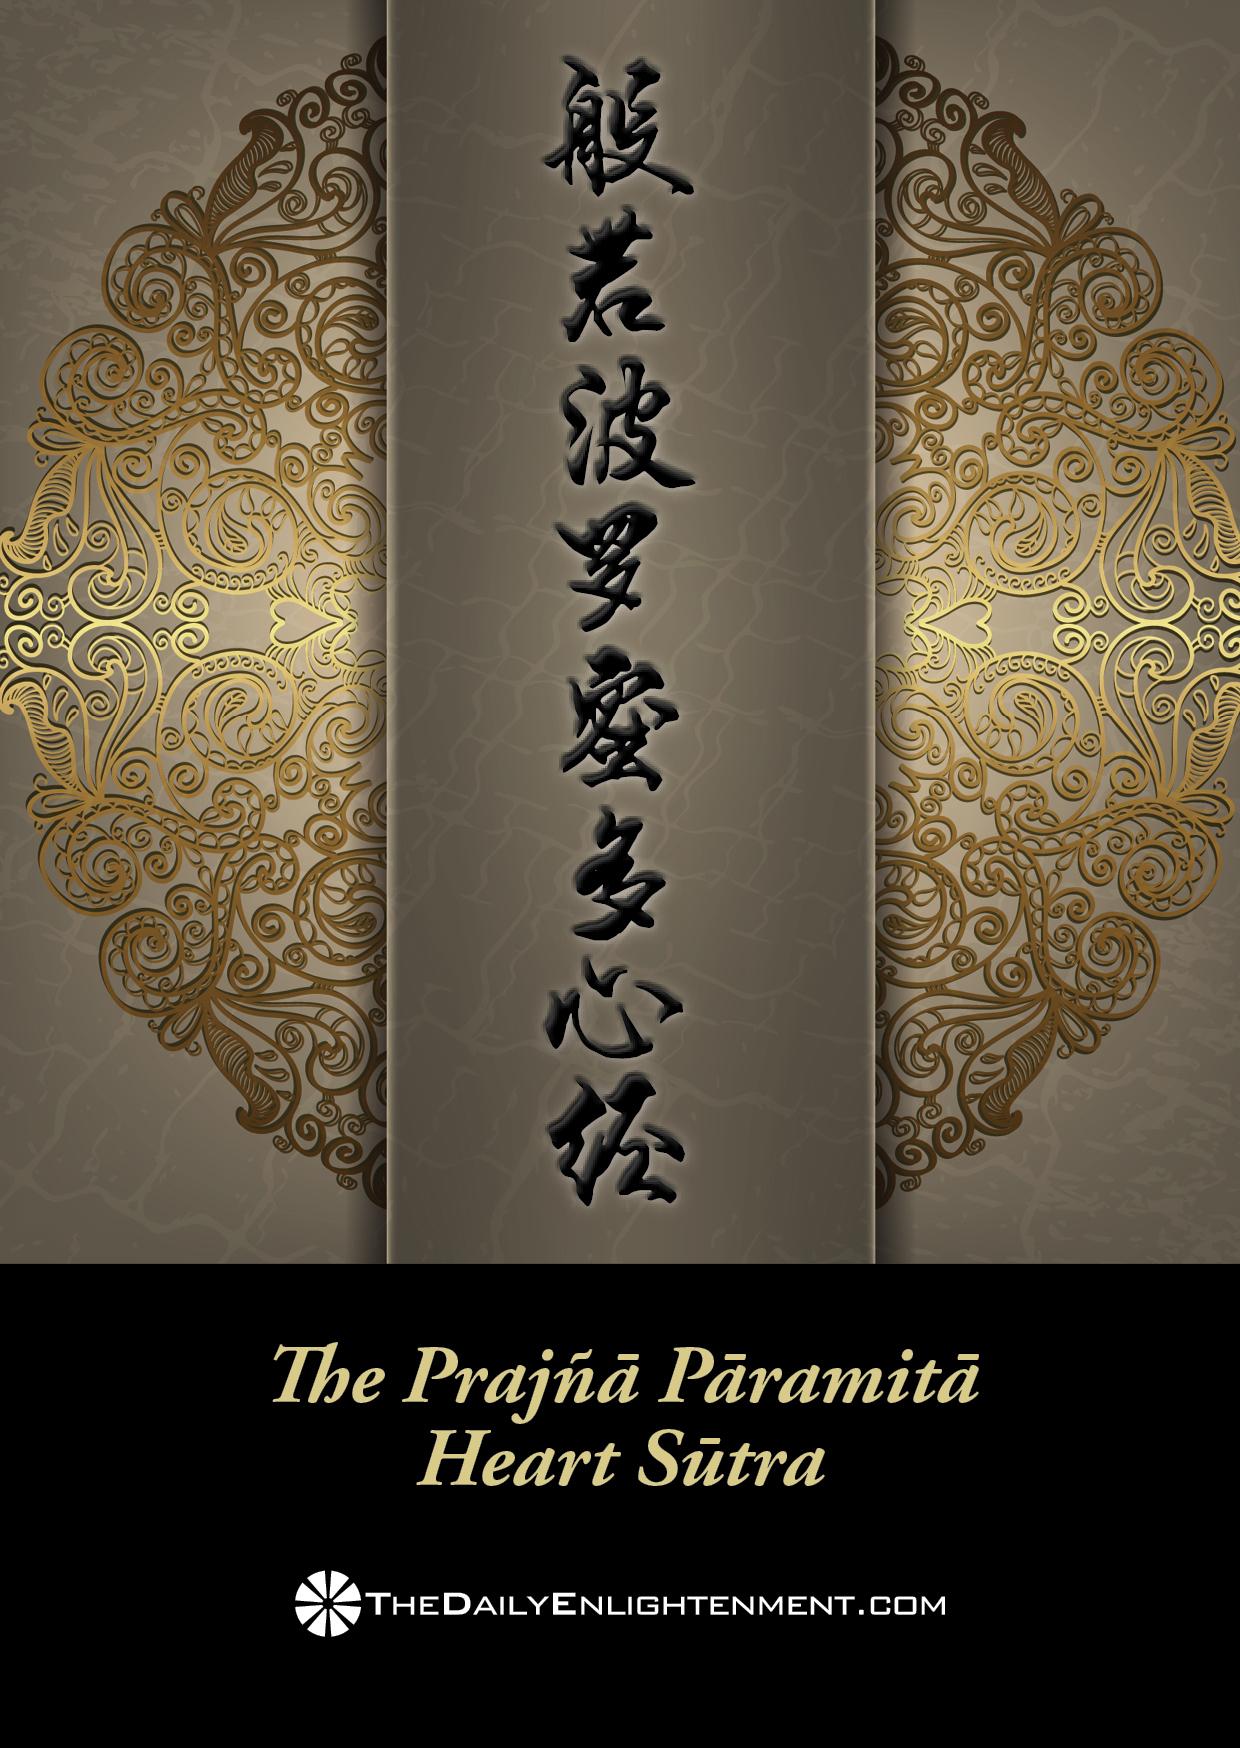 The Prajñā Pāramitā Heart Sūtra ST008